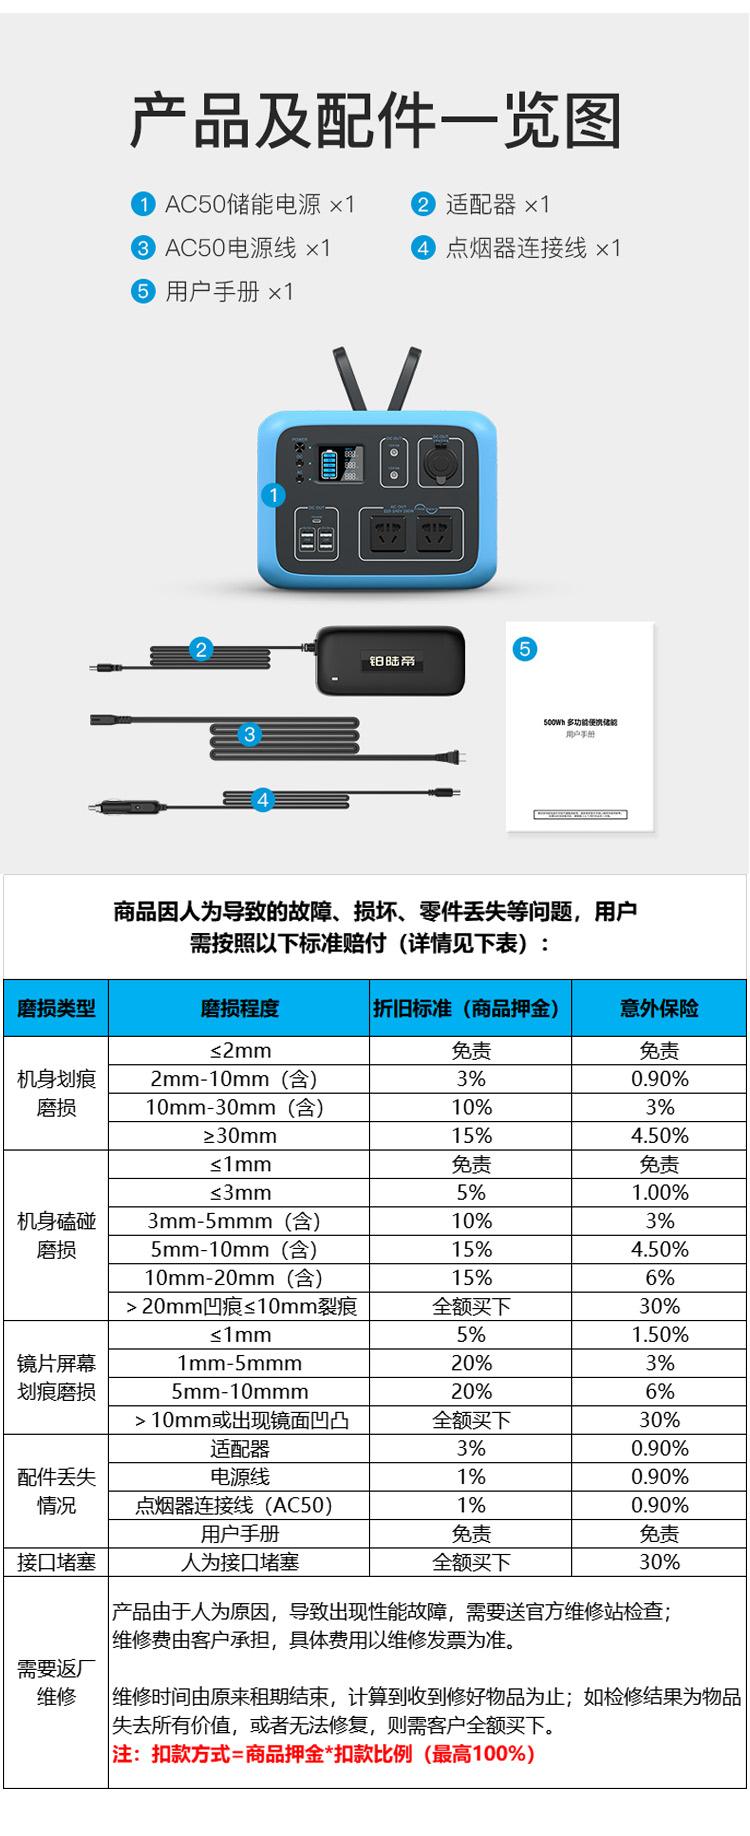 铂陆帝户外电源AC50产品详情图_11.jpg